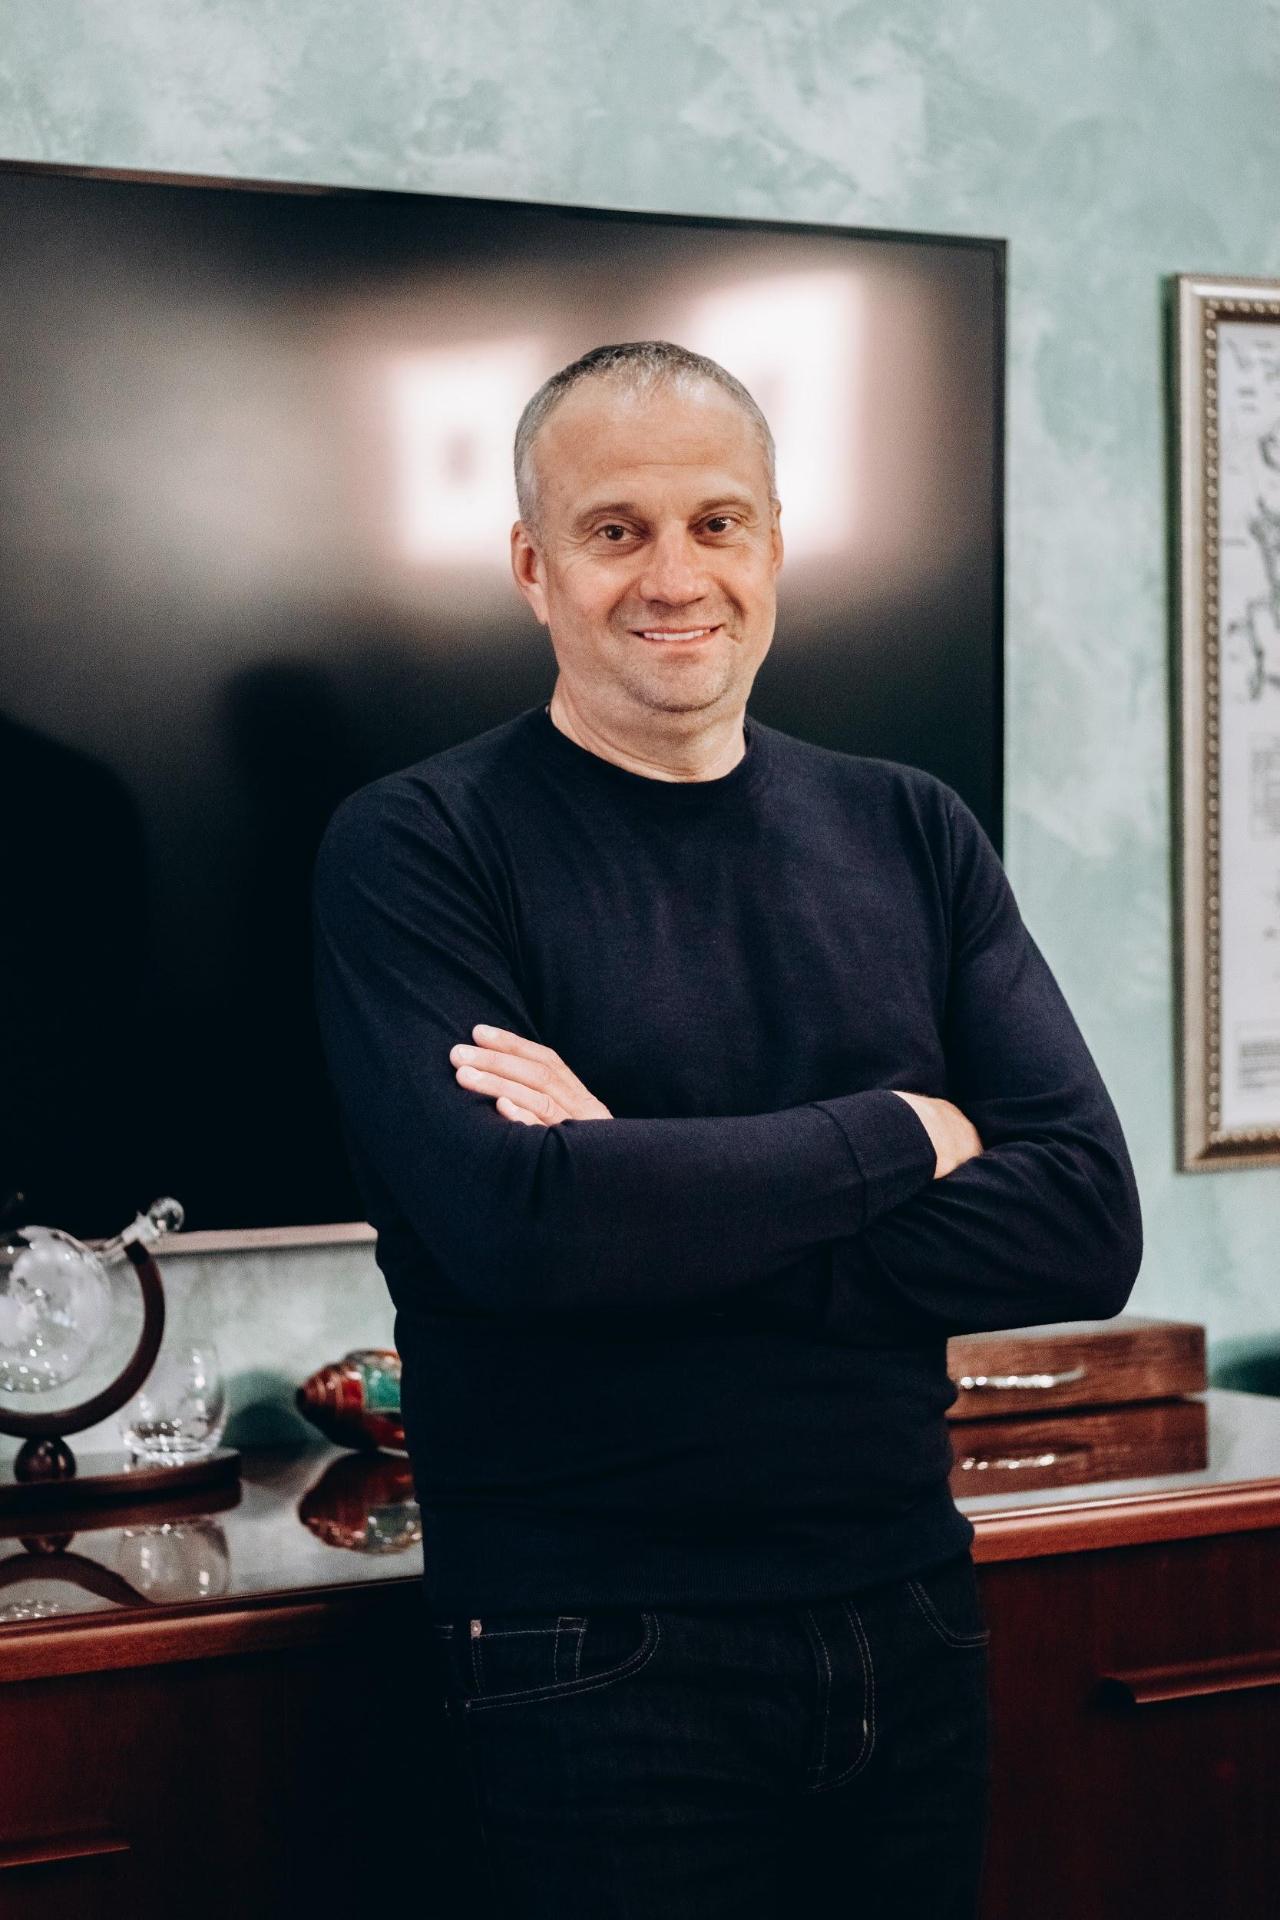 Ігор Сірик, директор компанії Novos Development Group